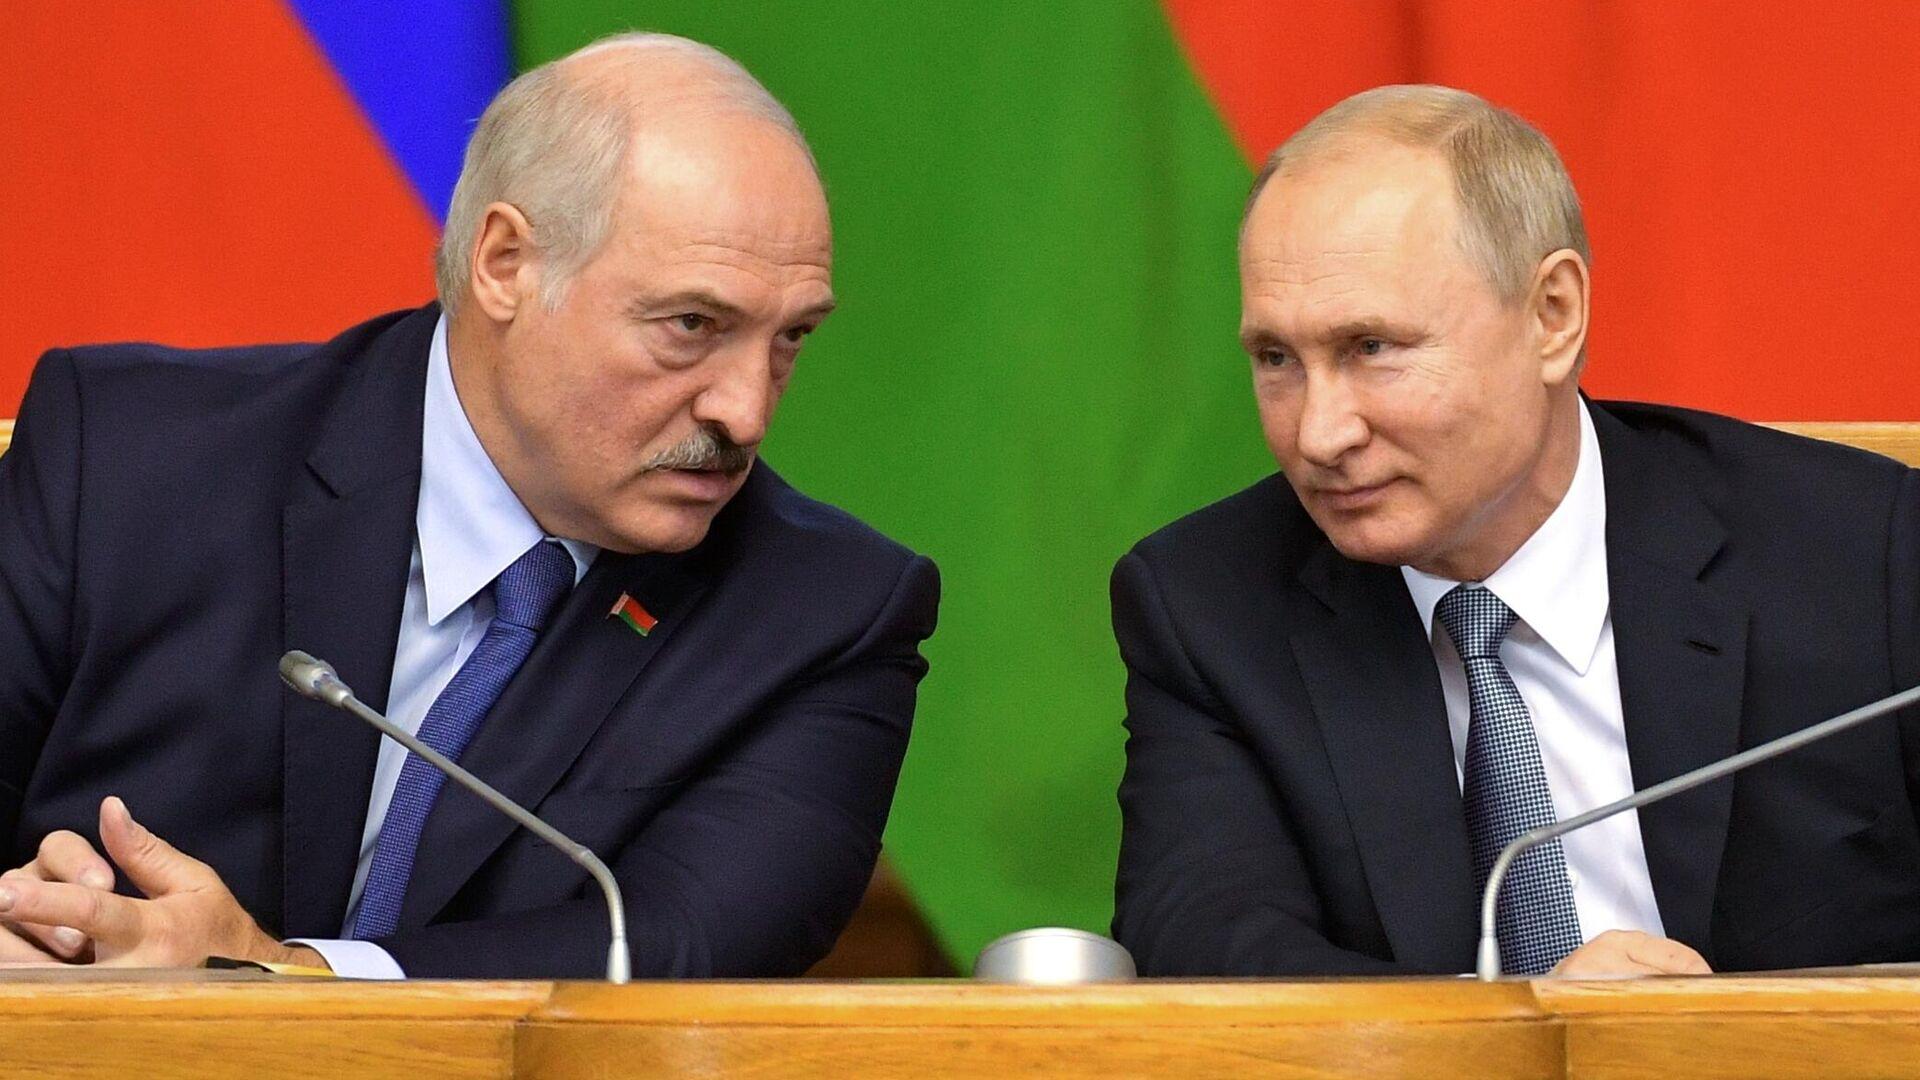 Президент РФ Владимир Путин и президент Беларуси Александр Лукашенко, архивное фото - Sputnik Латвия, 1920, 11.09.2021